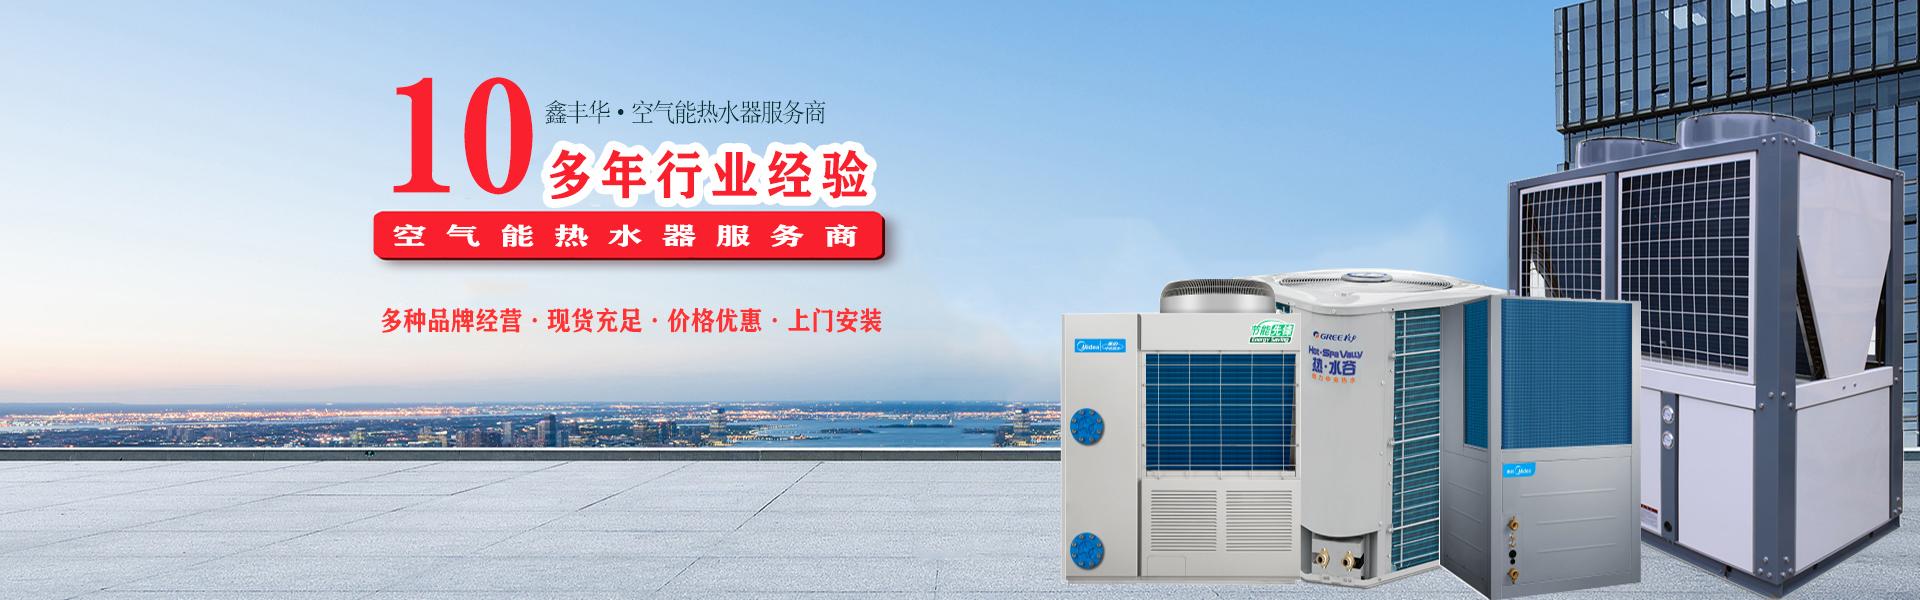 贵州空气能热水器维修